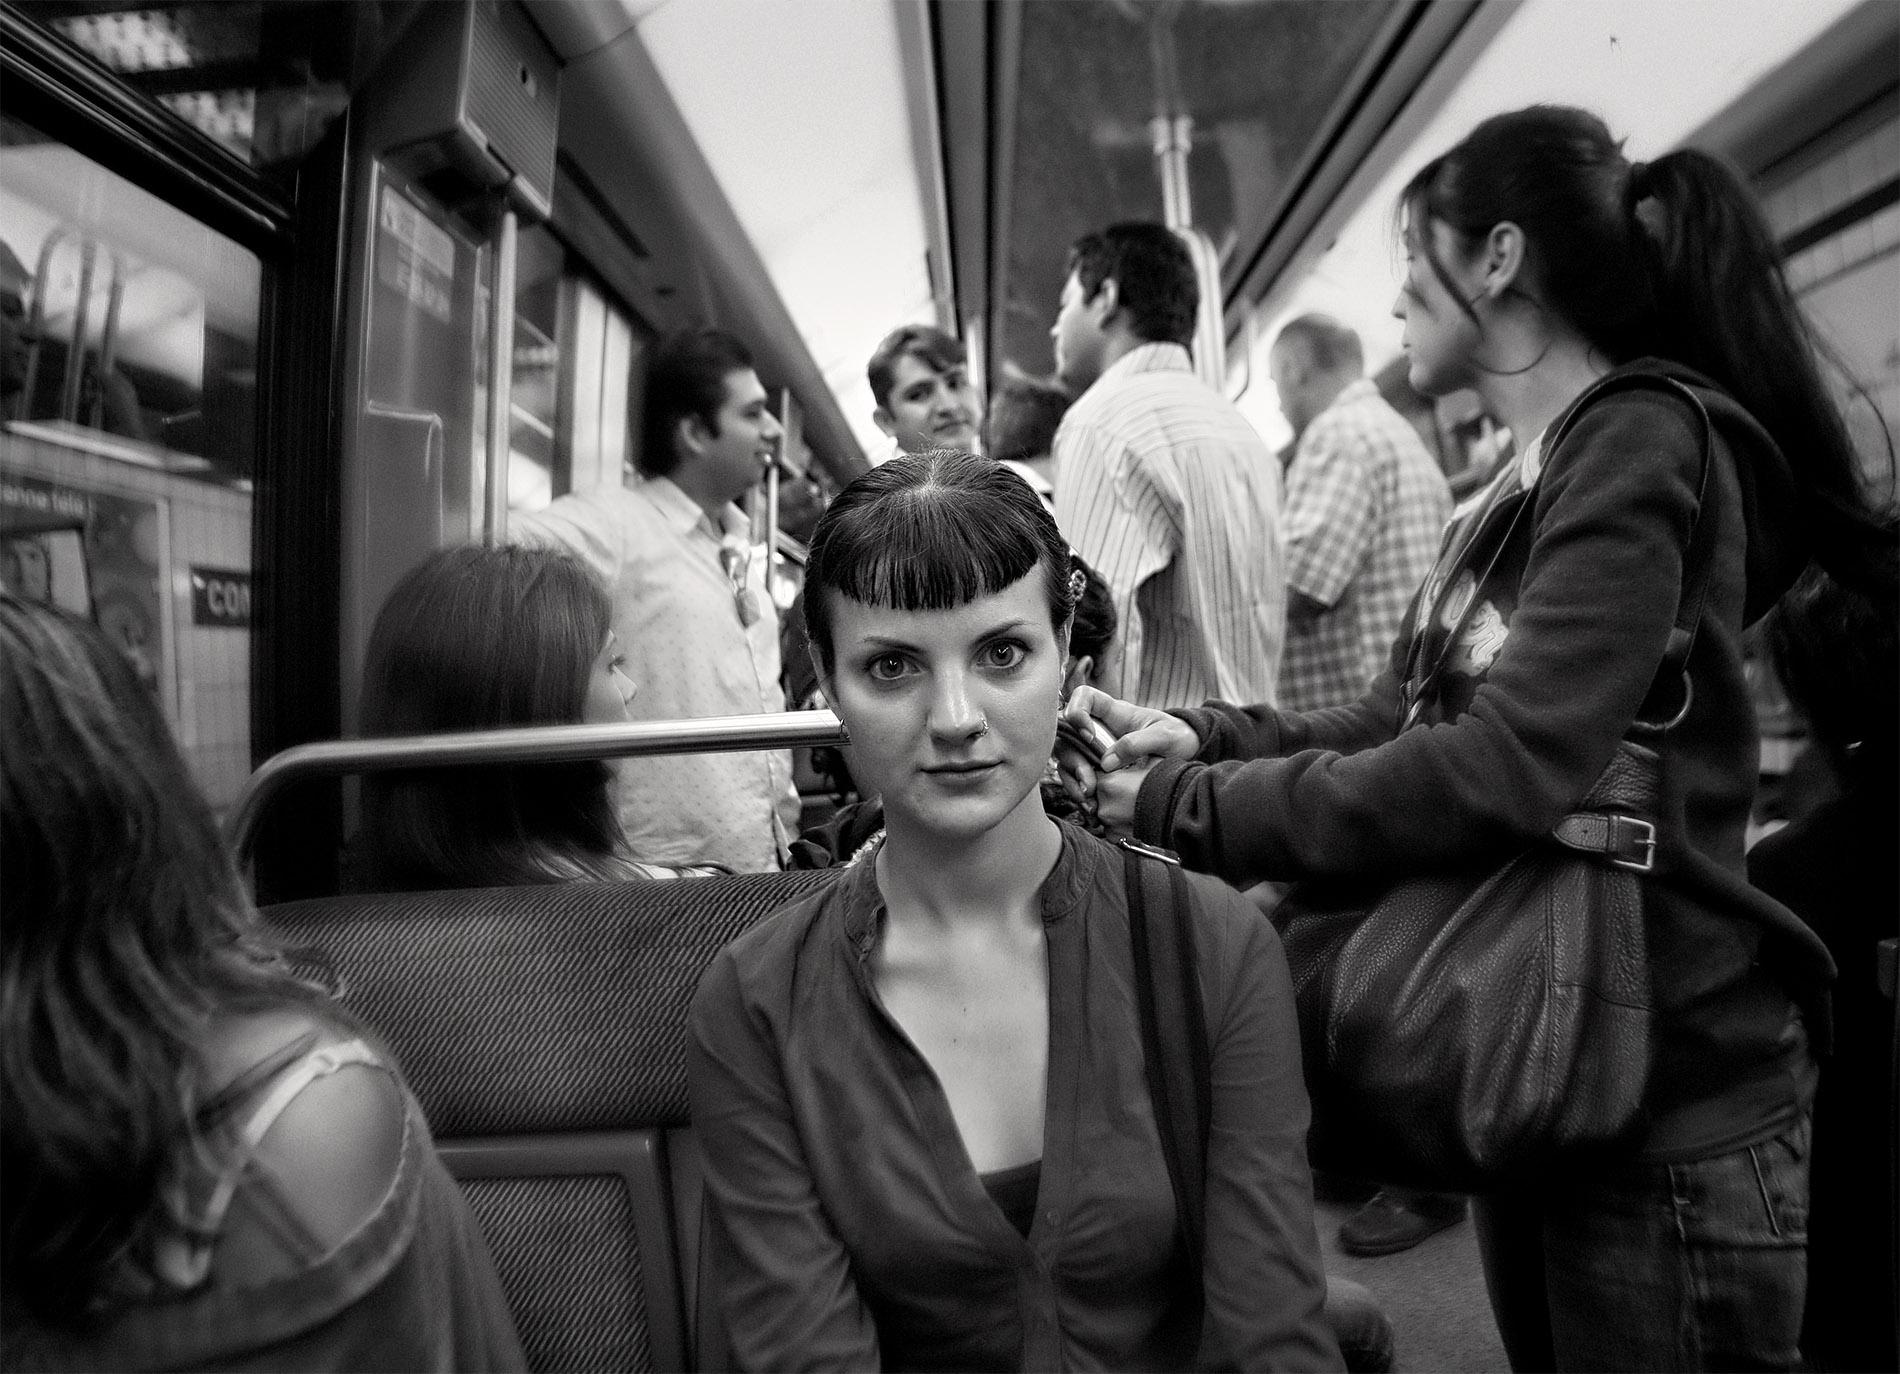 En tydlig blick av en fokuserad vän. Vi dansade tango i många år och på bilden är vi på väg med tunnelbanan i Paris för att dansa. Fina minnen :) Foto Mikael Wallerstedt